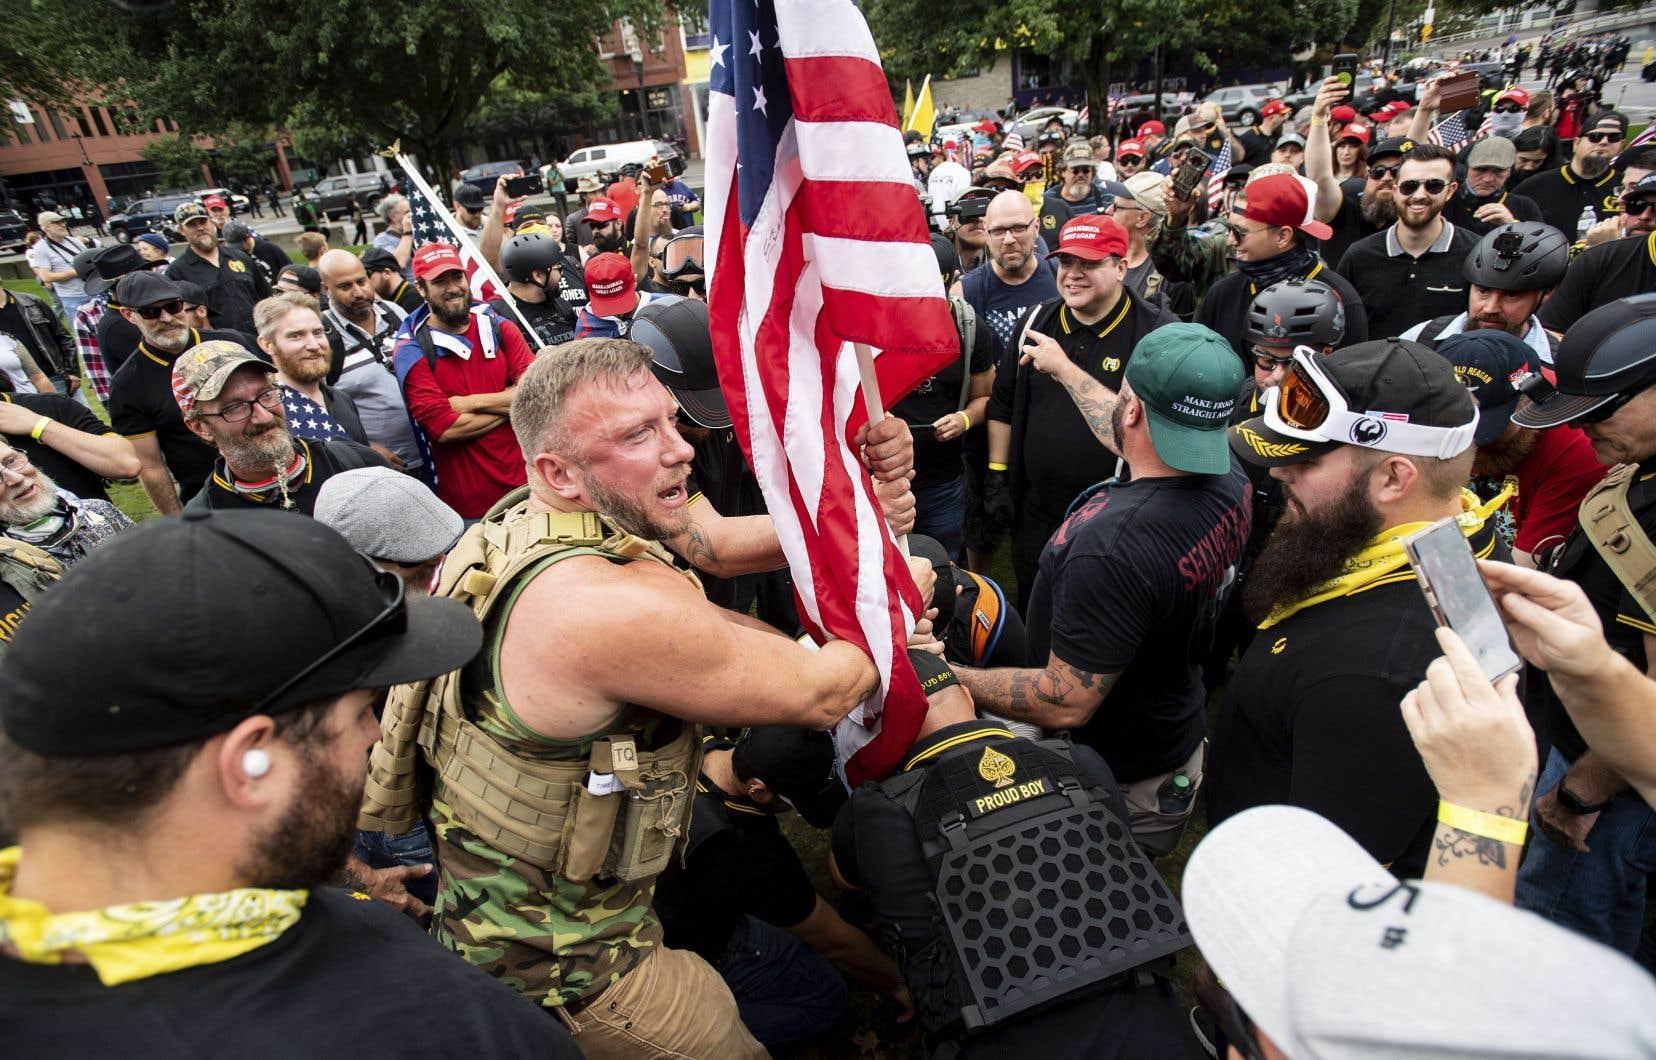 <p>Des membres des groupes de miliciens Proud Boys et Three Percenters se sont rassemblés au centre-ville de Portland. Les forces policières ont dit avoir saisi des armes et des boucliers.</p>